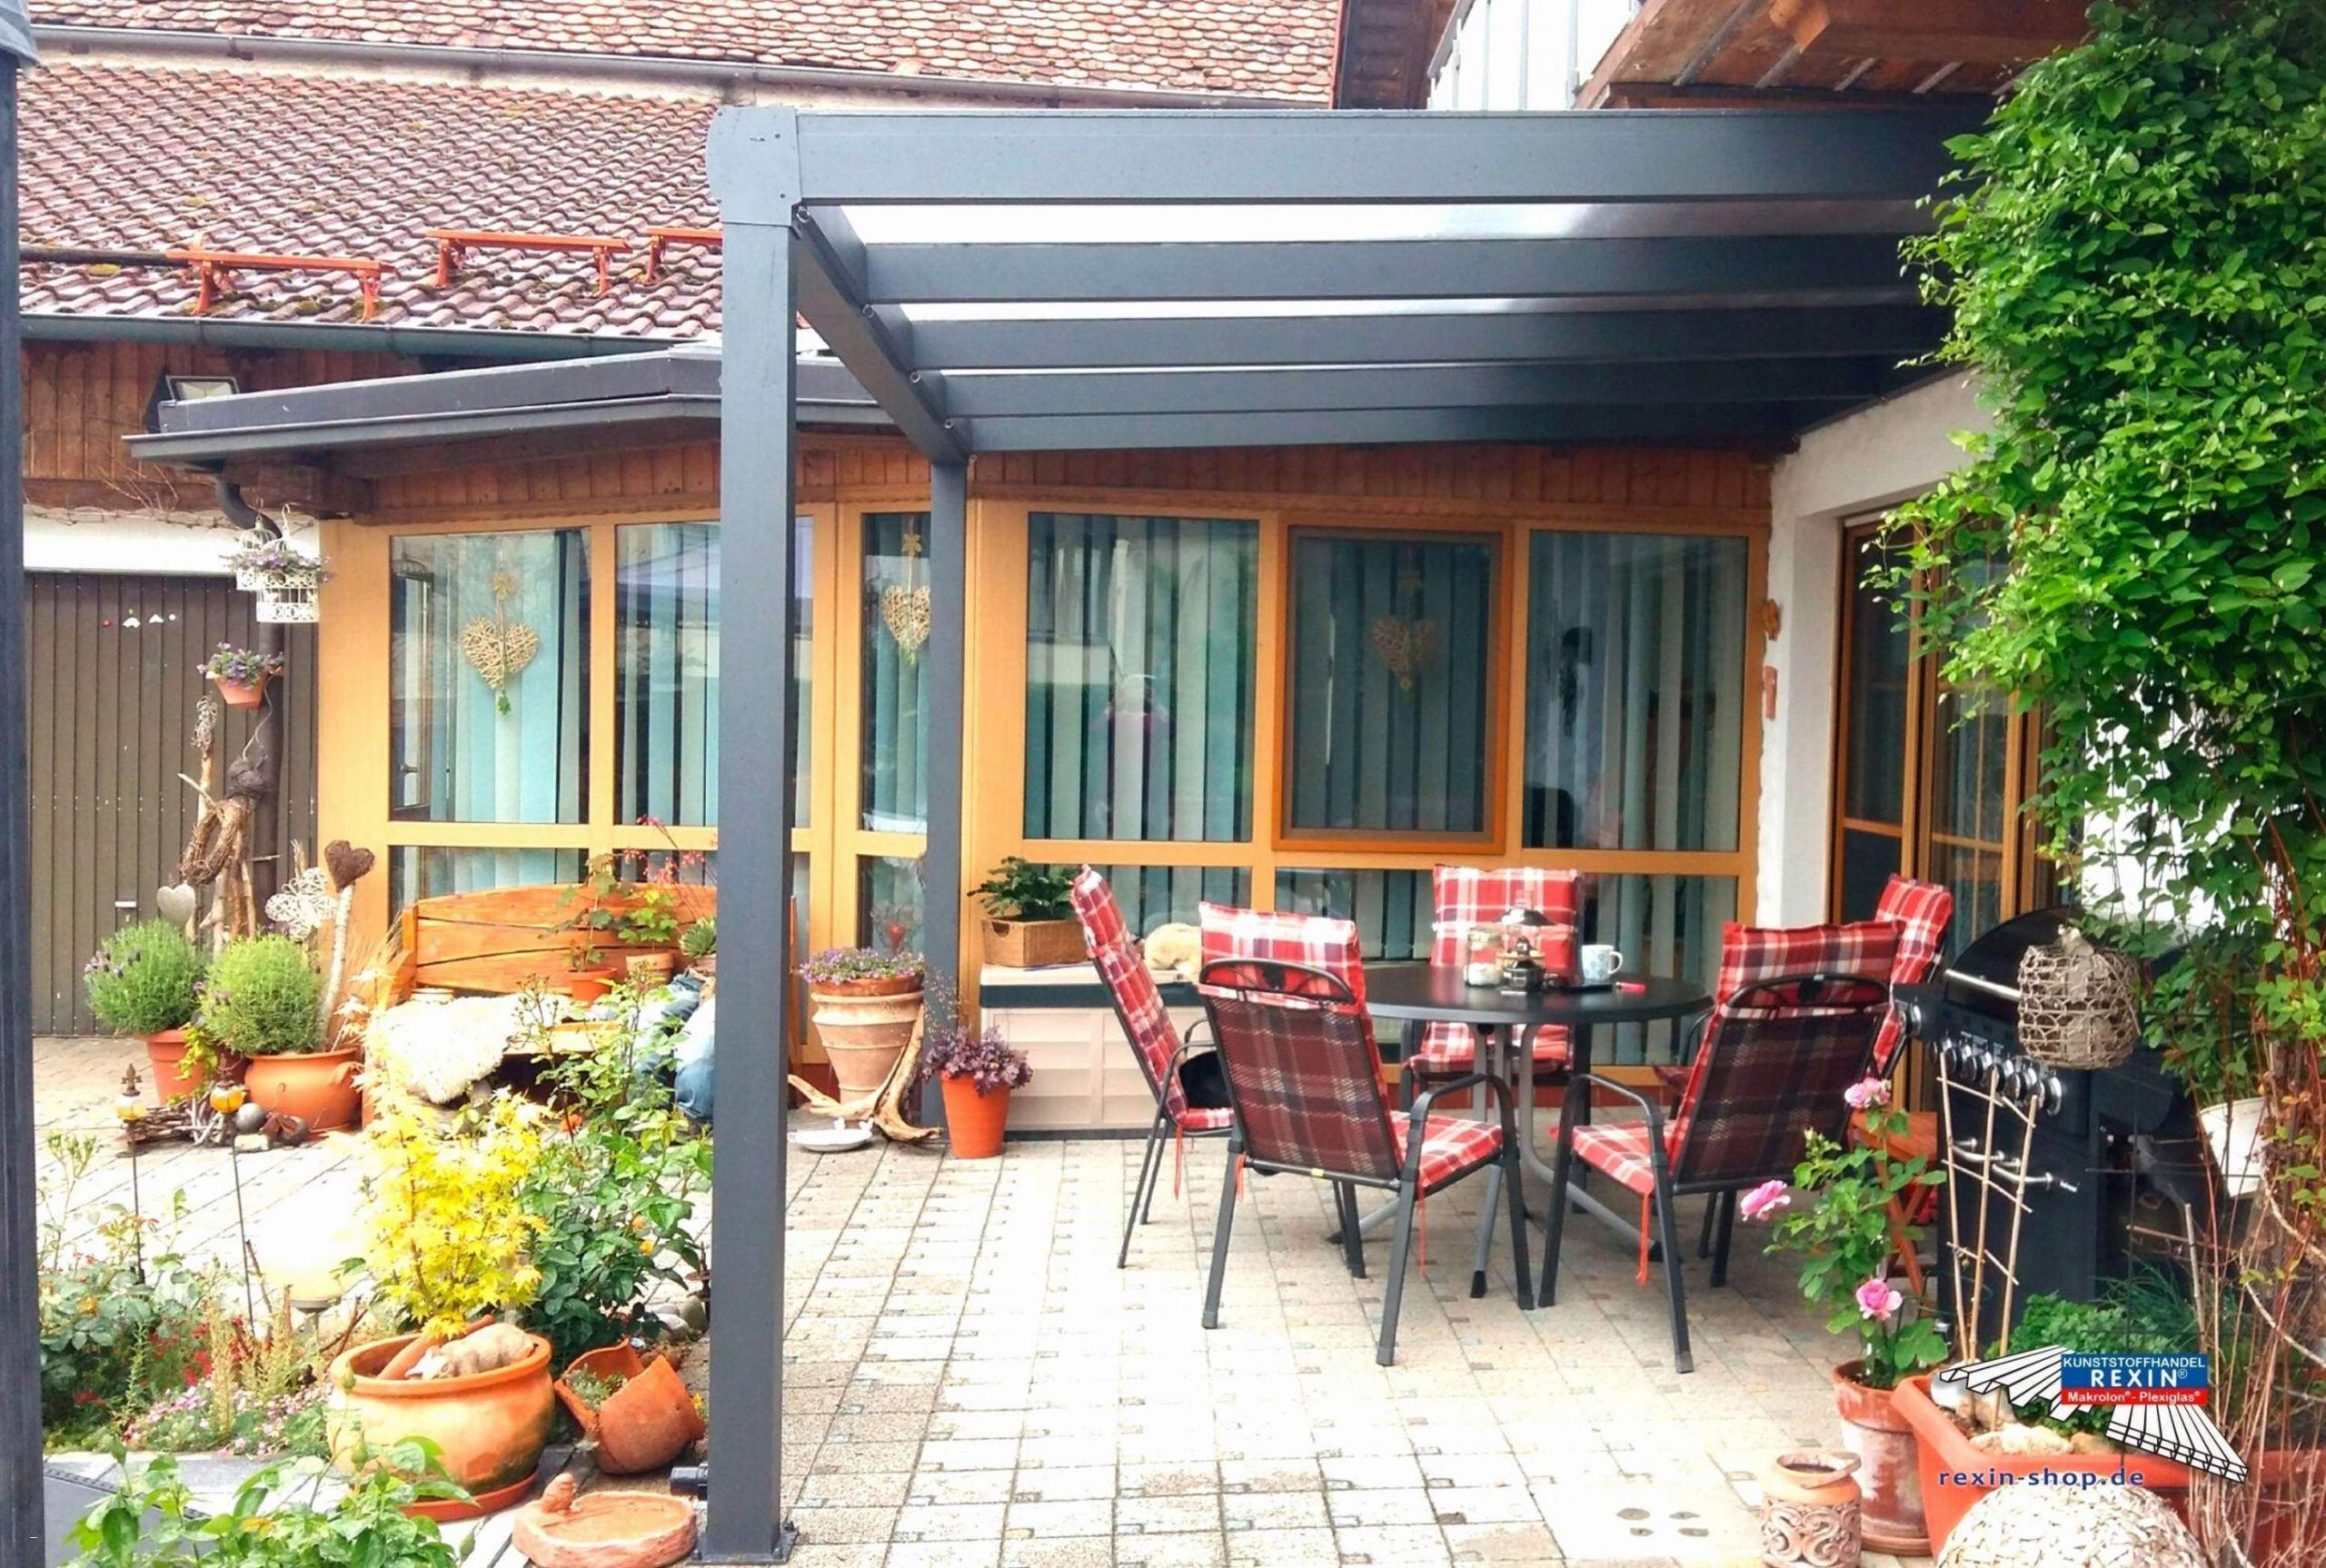 Zaun Für Garten Einzigartig sonnenschutz Im Garten — Temobardz Home Blog